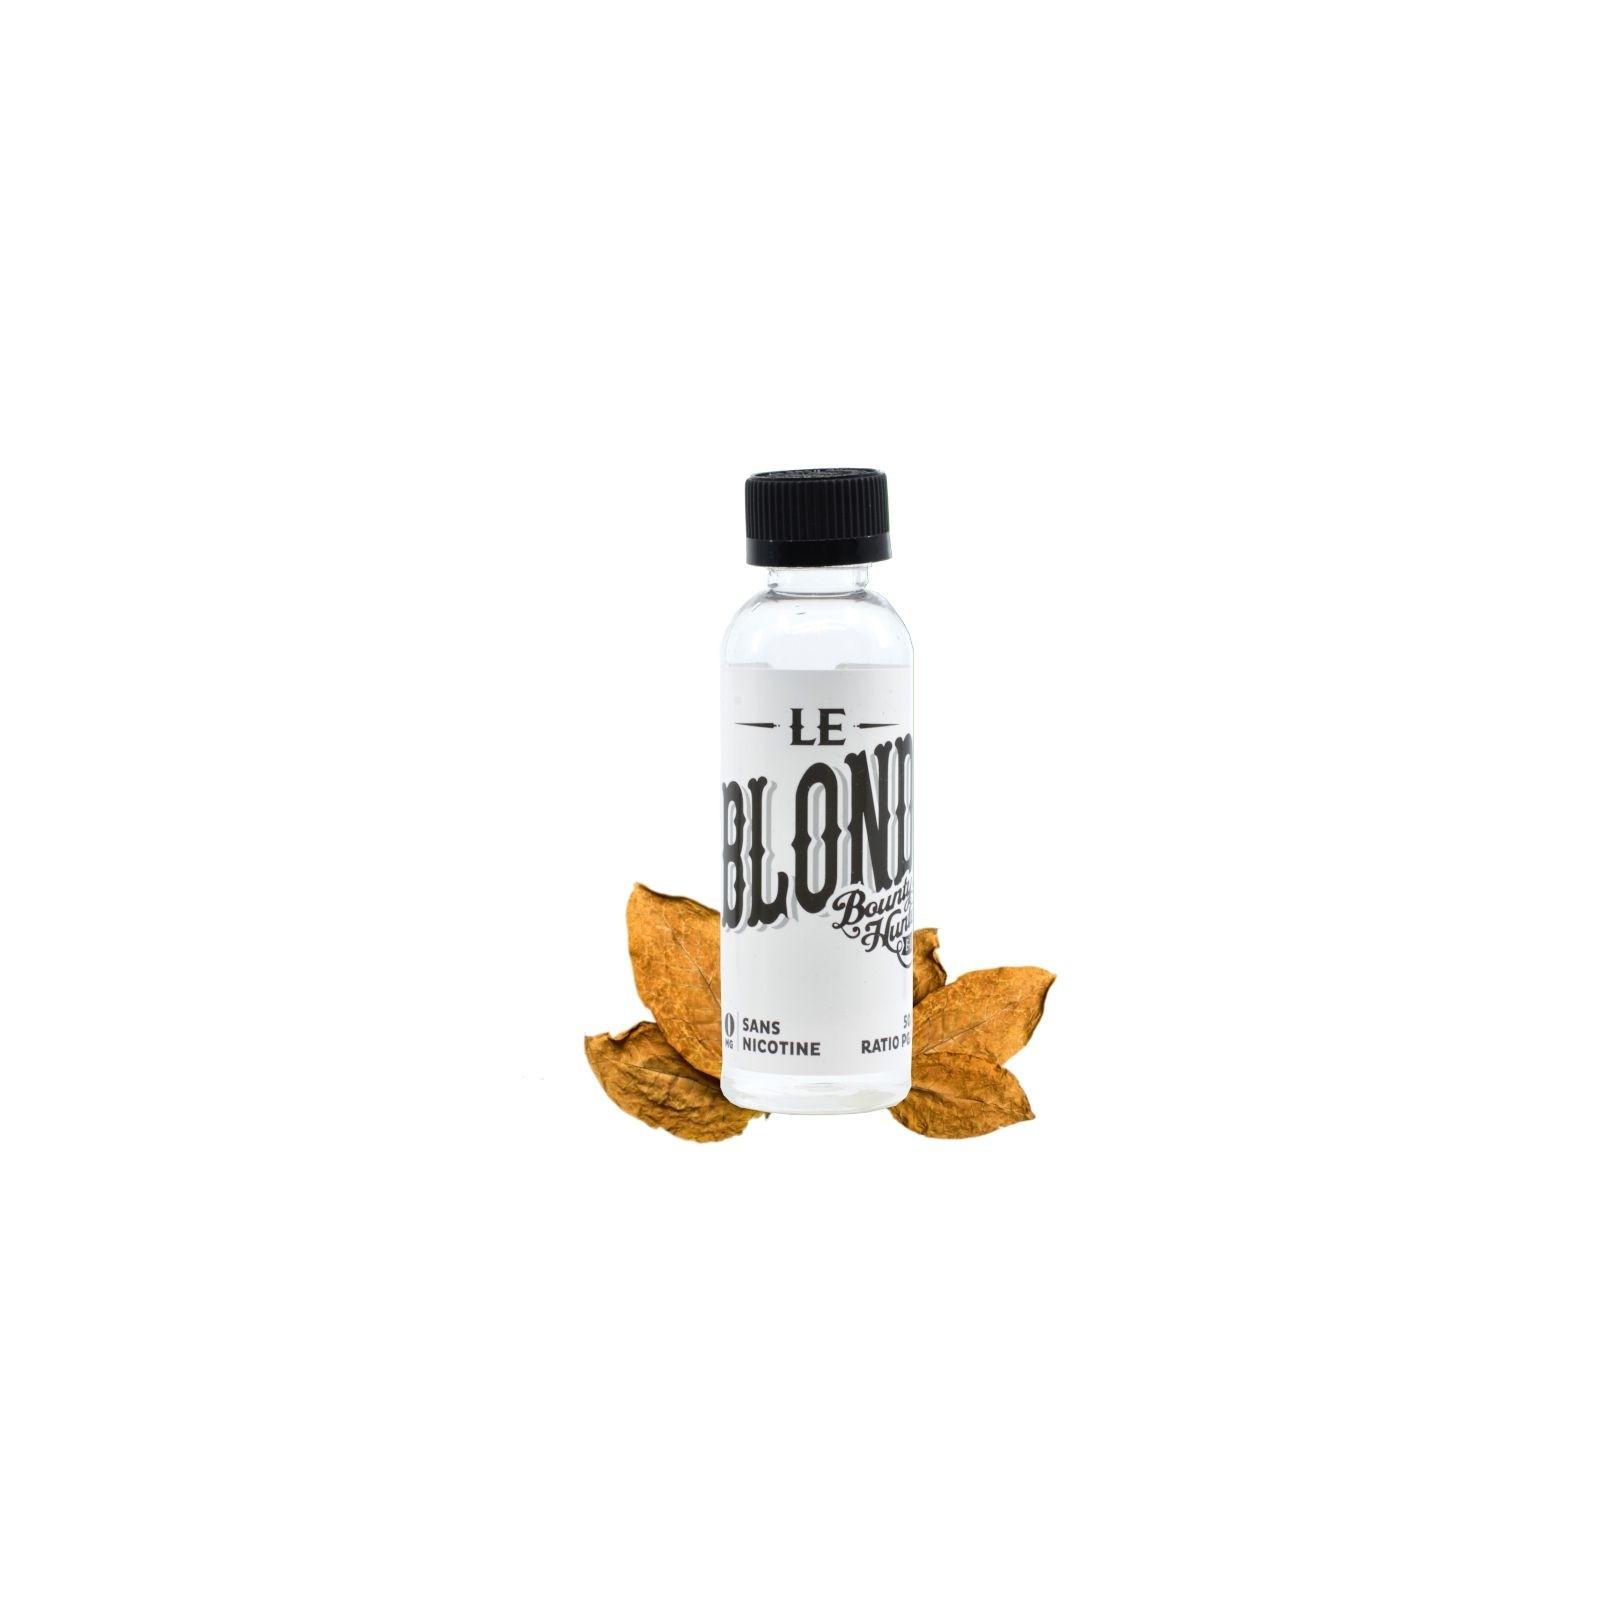 Le Blond 50ml - Bounty Hunters